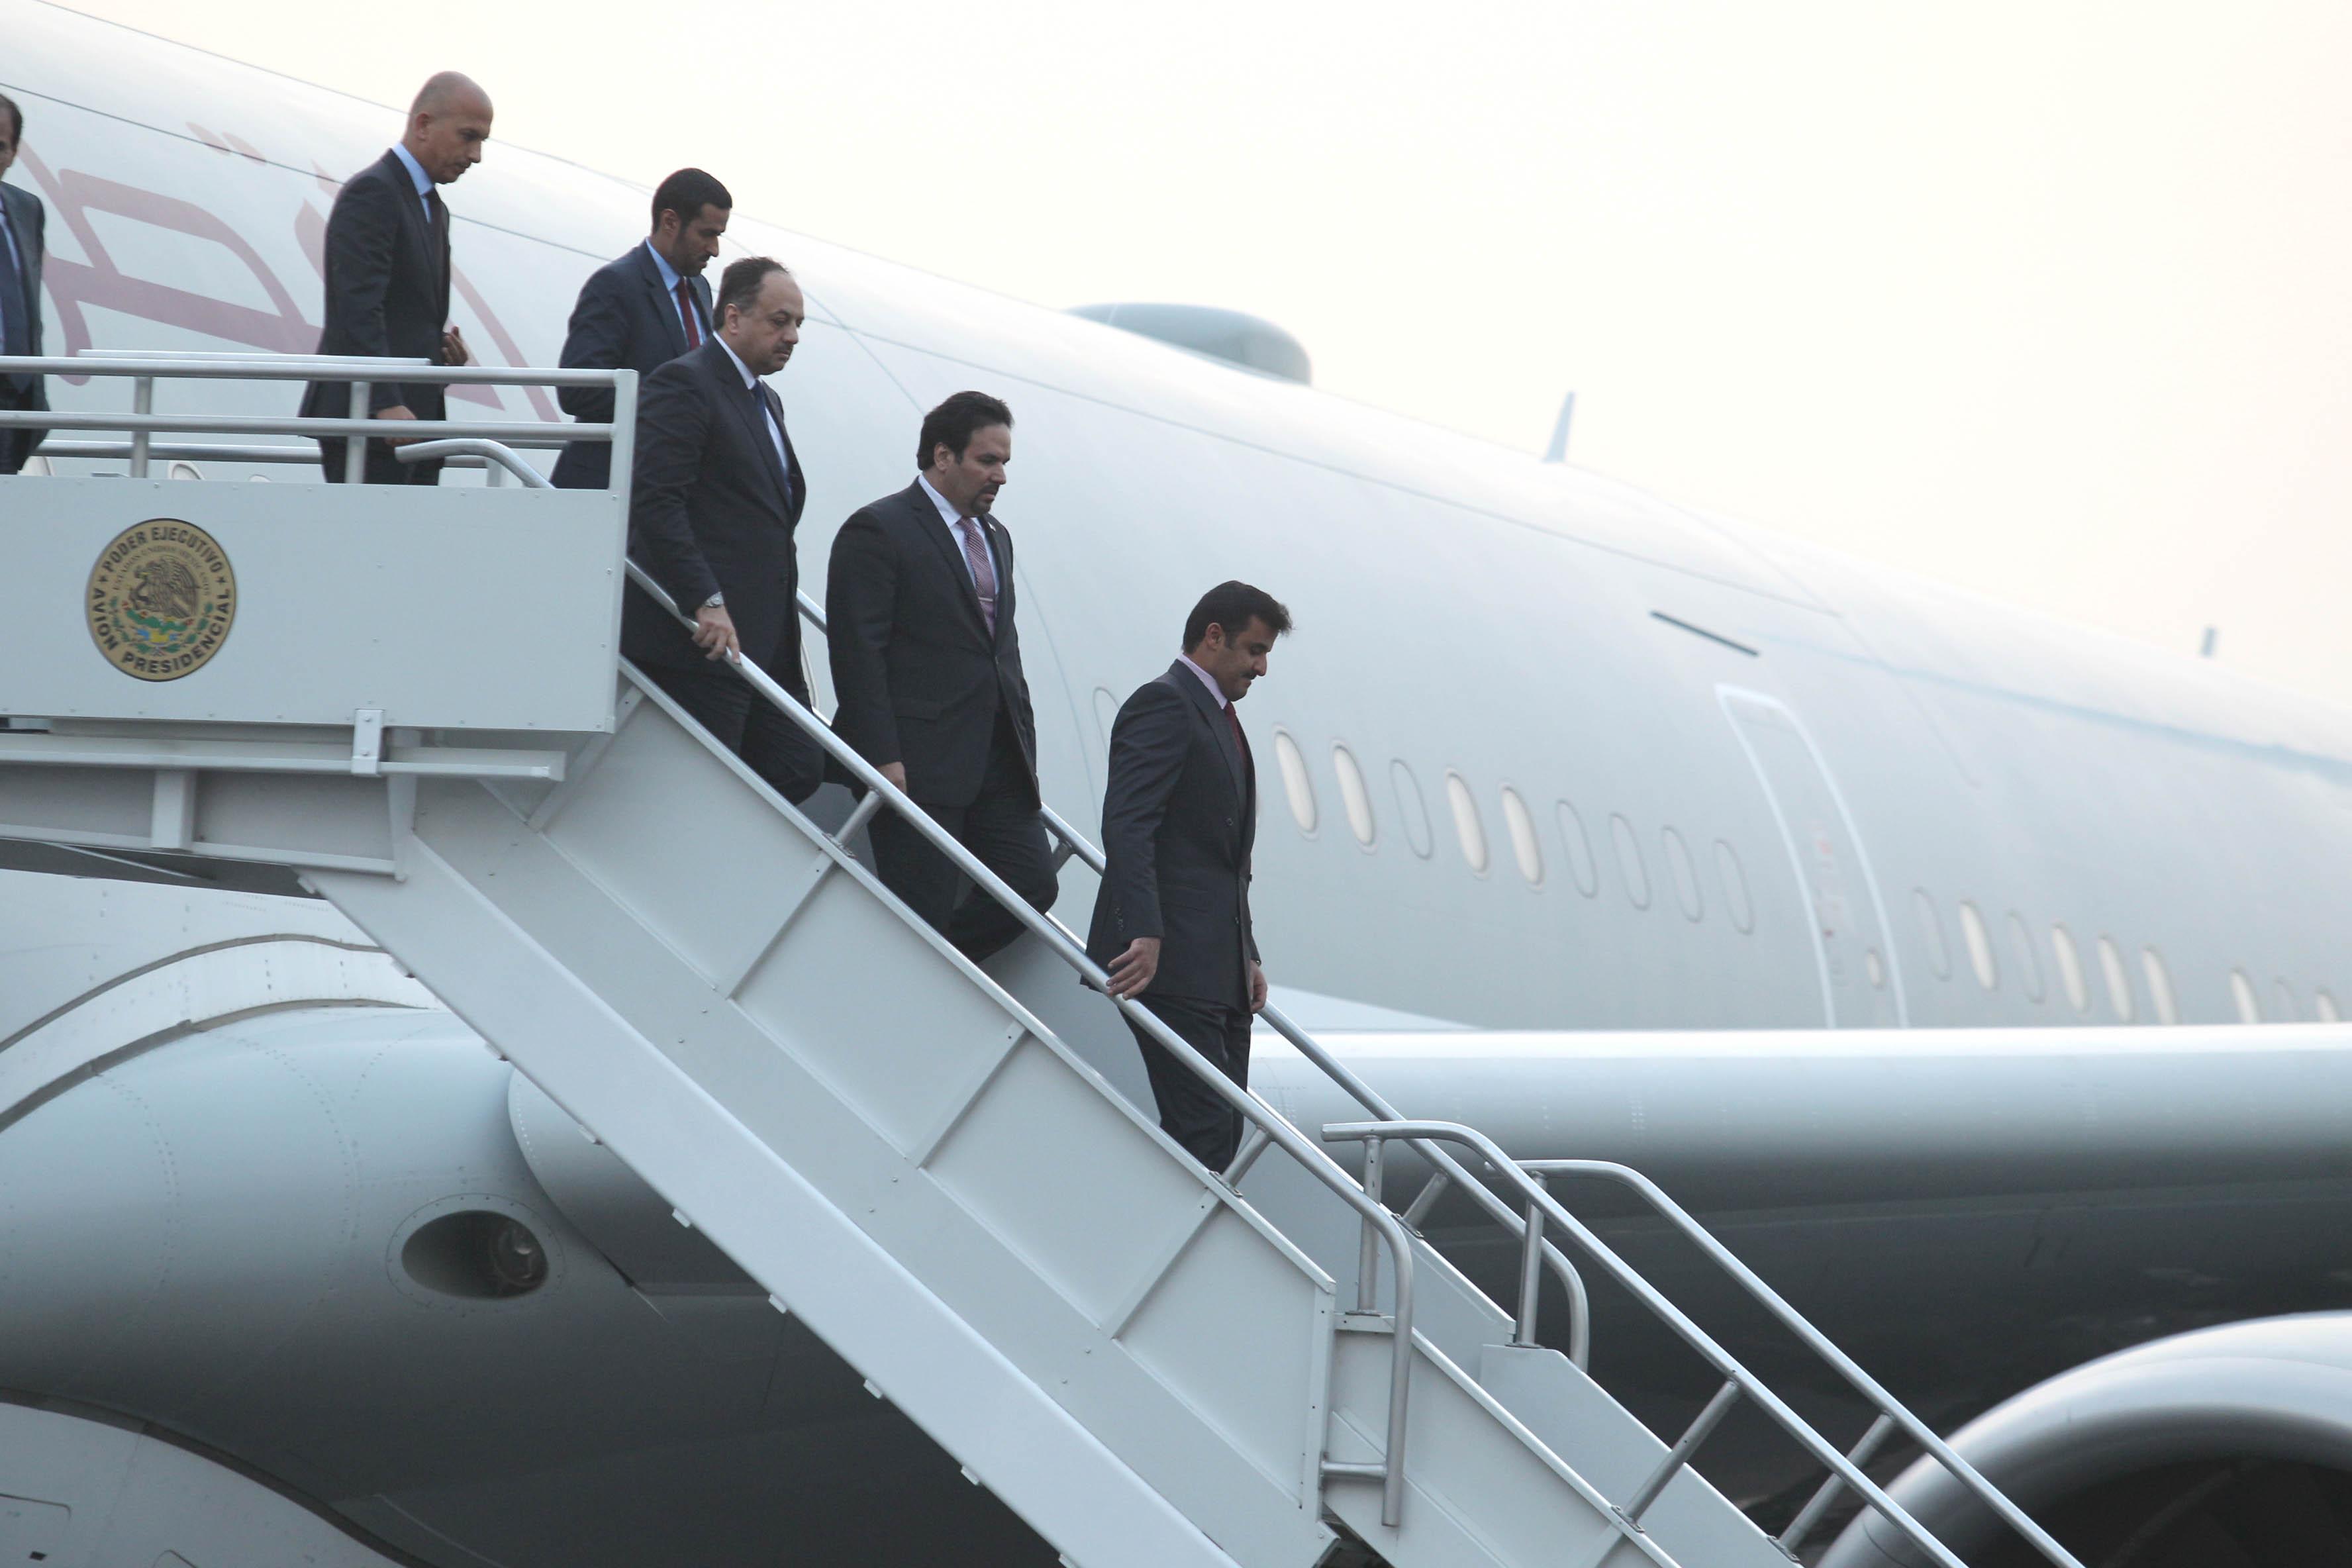 FOTO 1 Su Alteza  el Emir de Qatar  Jeque Tamim bin Hamad Al Thani   arrib  a la ciudad de M xico.jpg